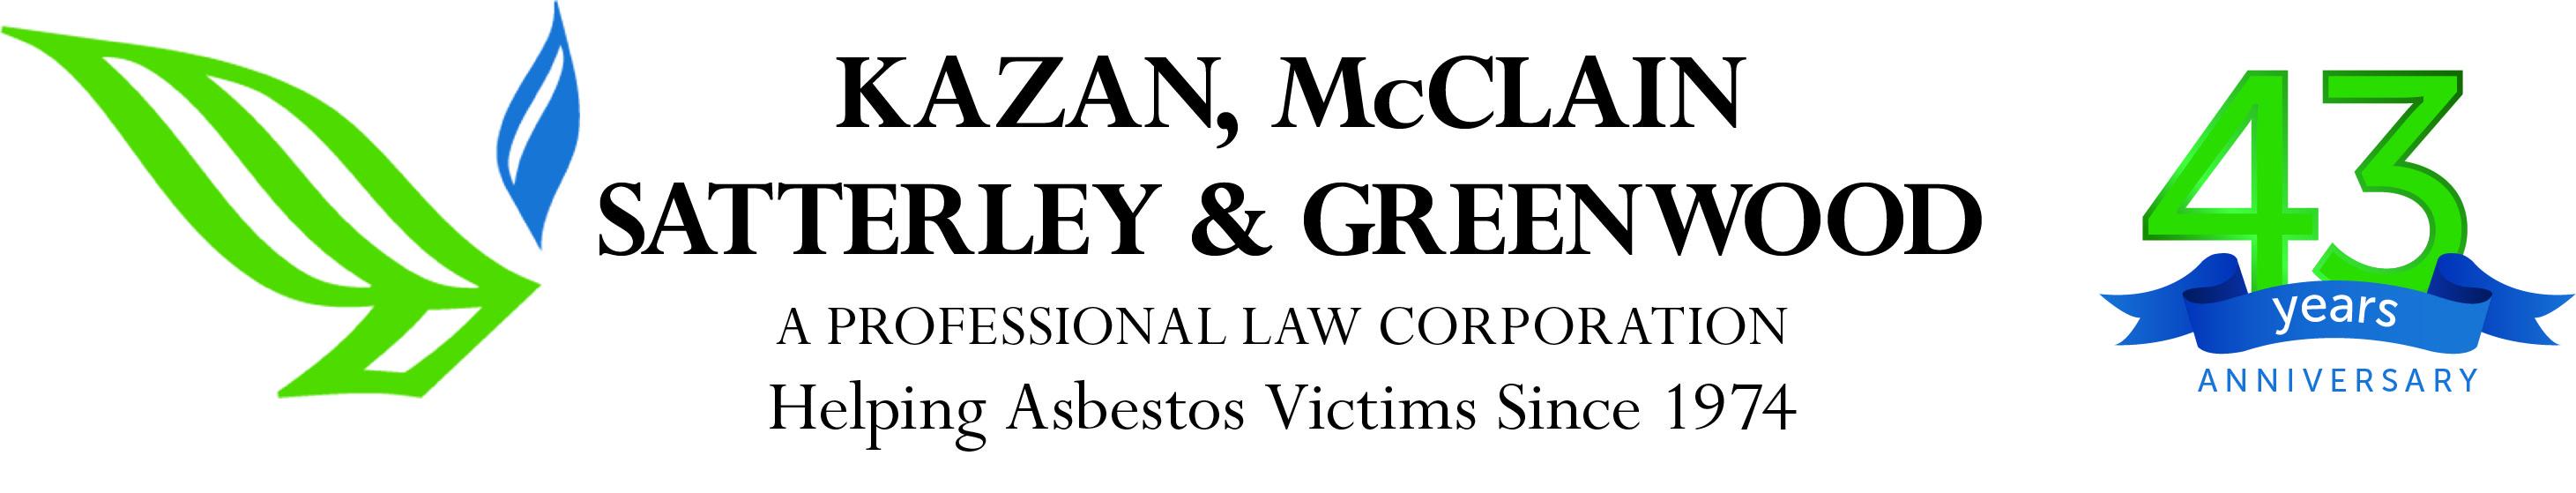 kazan-mcclain-logo-2017